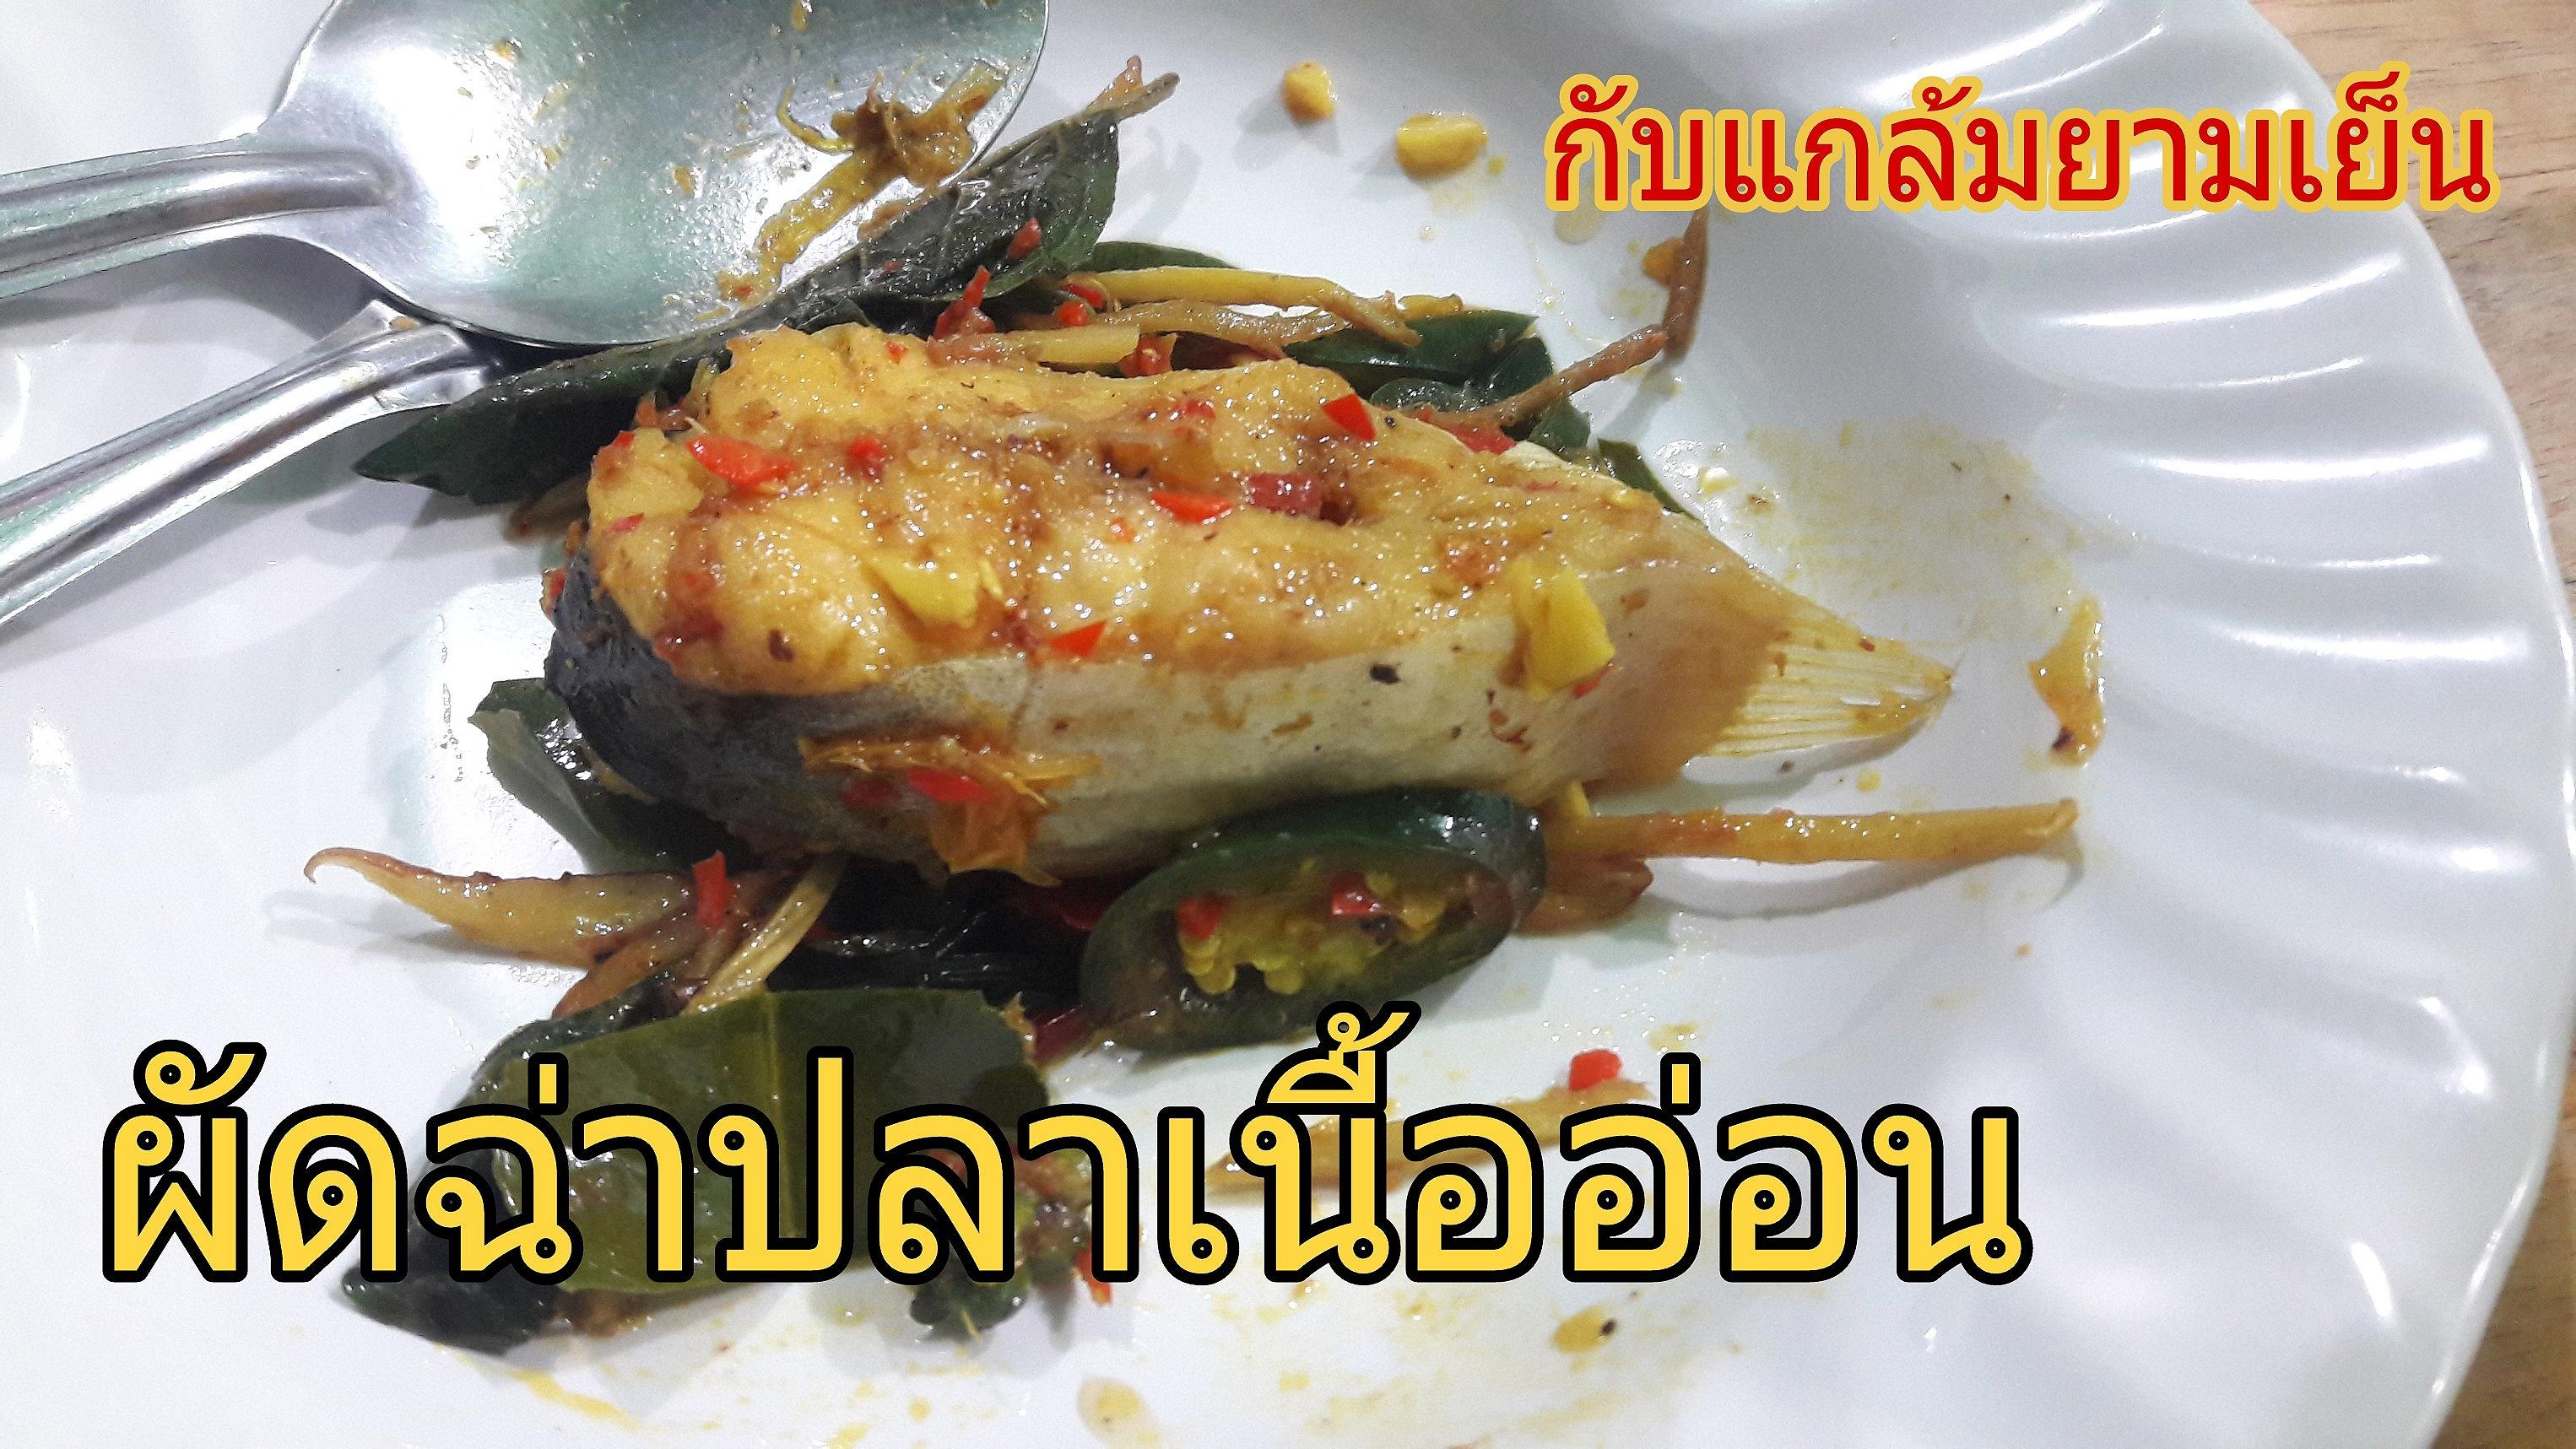 ปลาเนื้ออ่อน ปลาแดง ปลาเนื้อดีทำอะไรก็อร่อย!!!